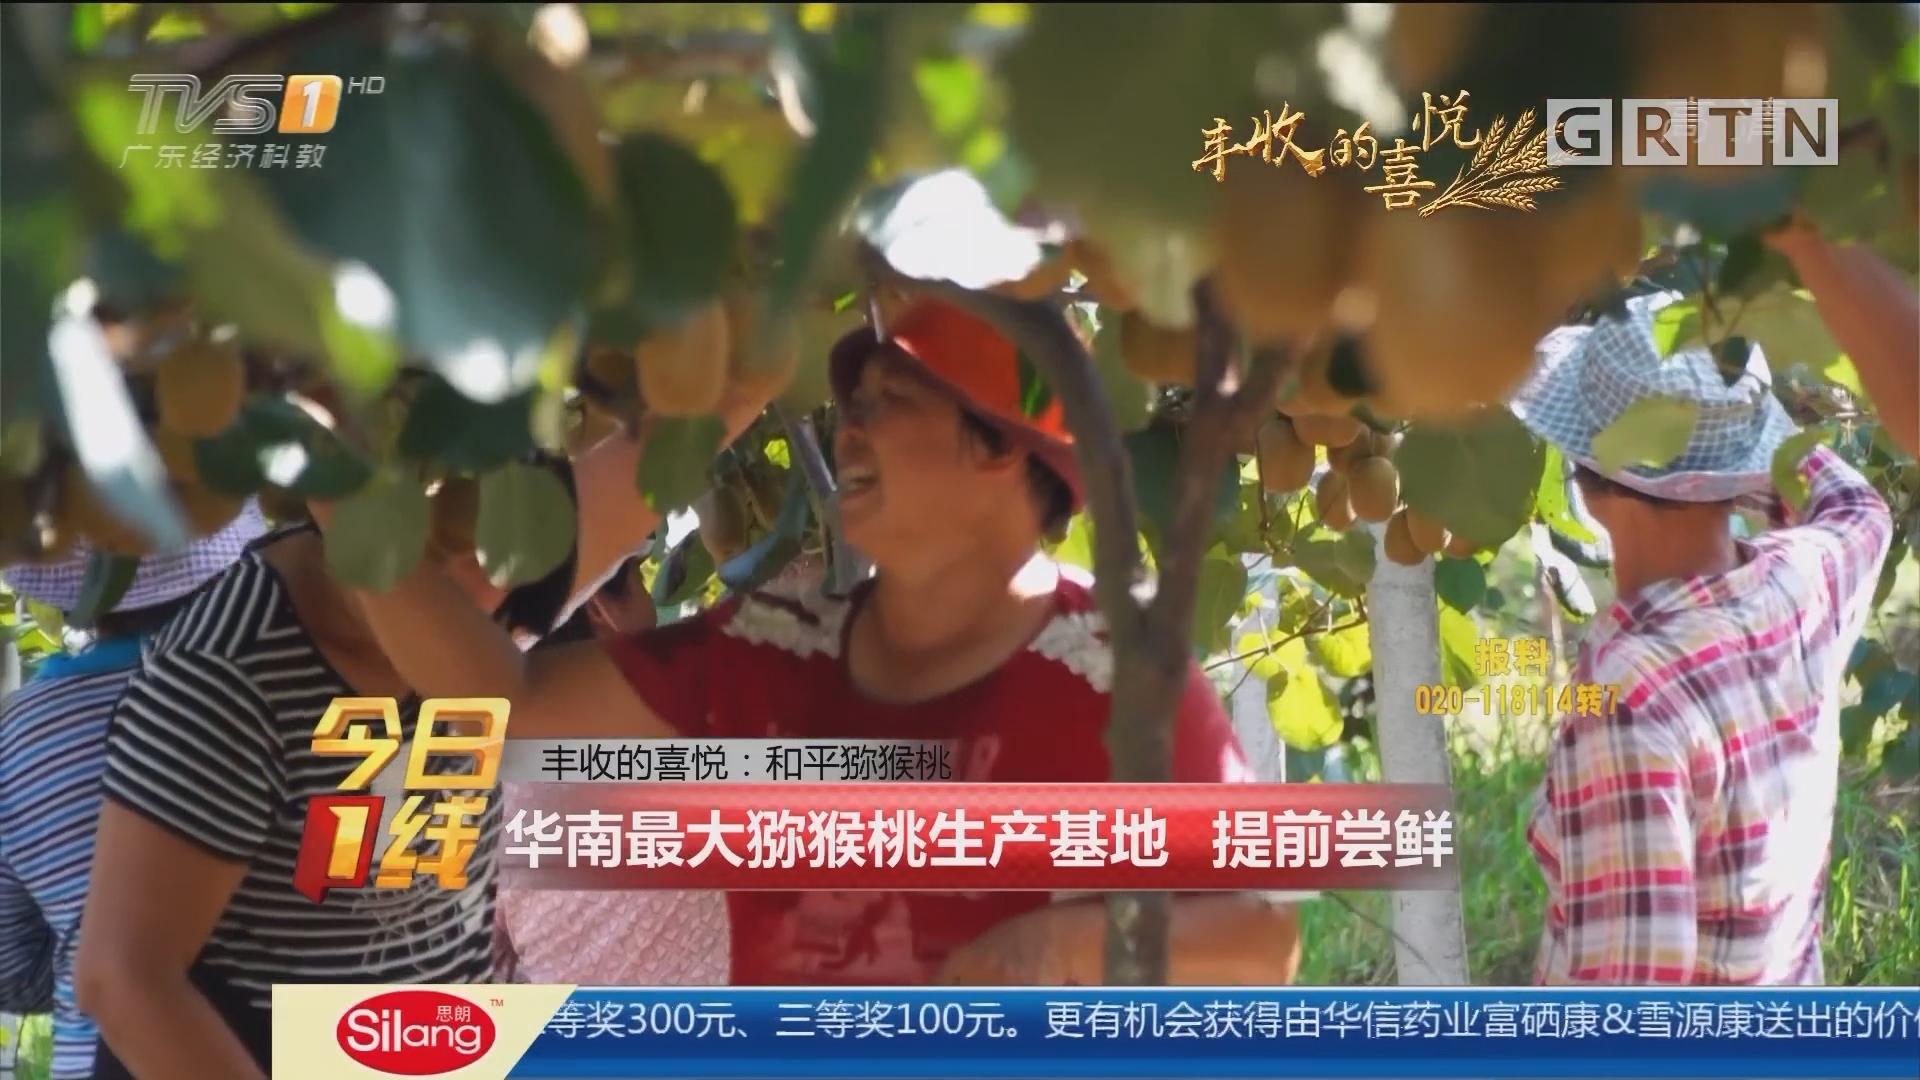 丰收的喜悦:和平猕猴桃 华南最大猕猴桃生产基地 提前尝鲜